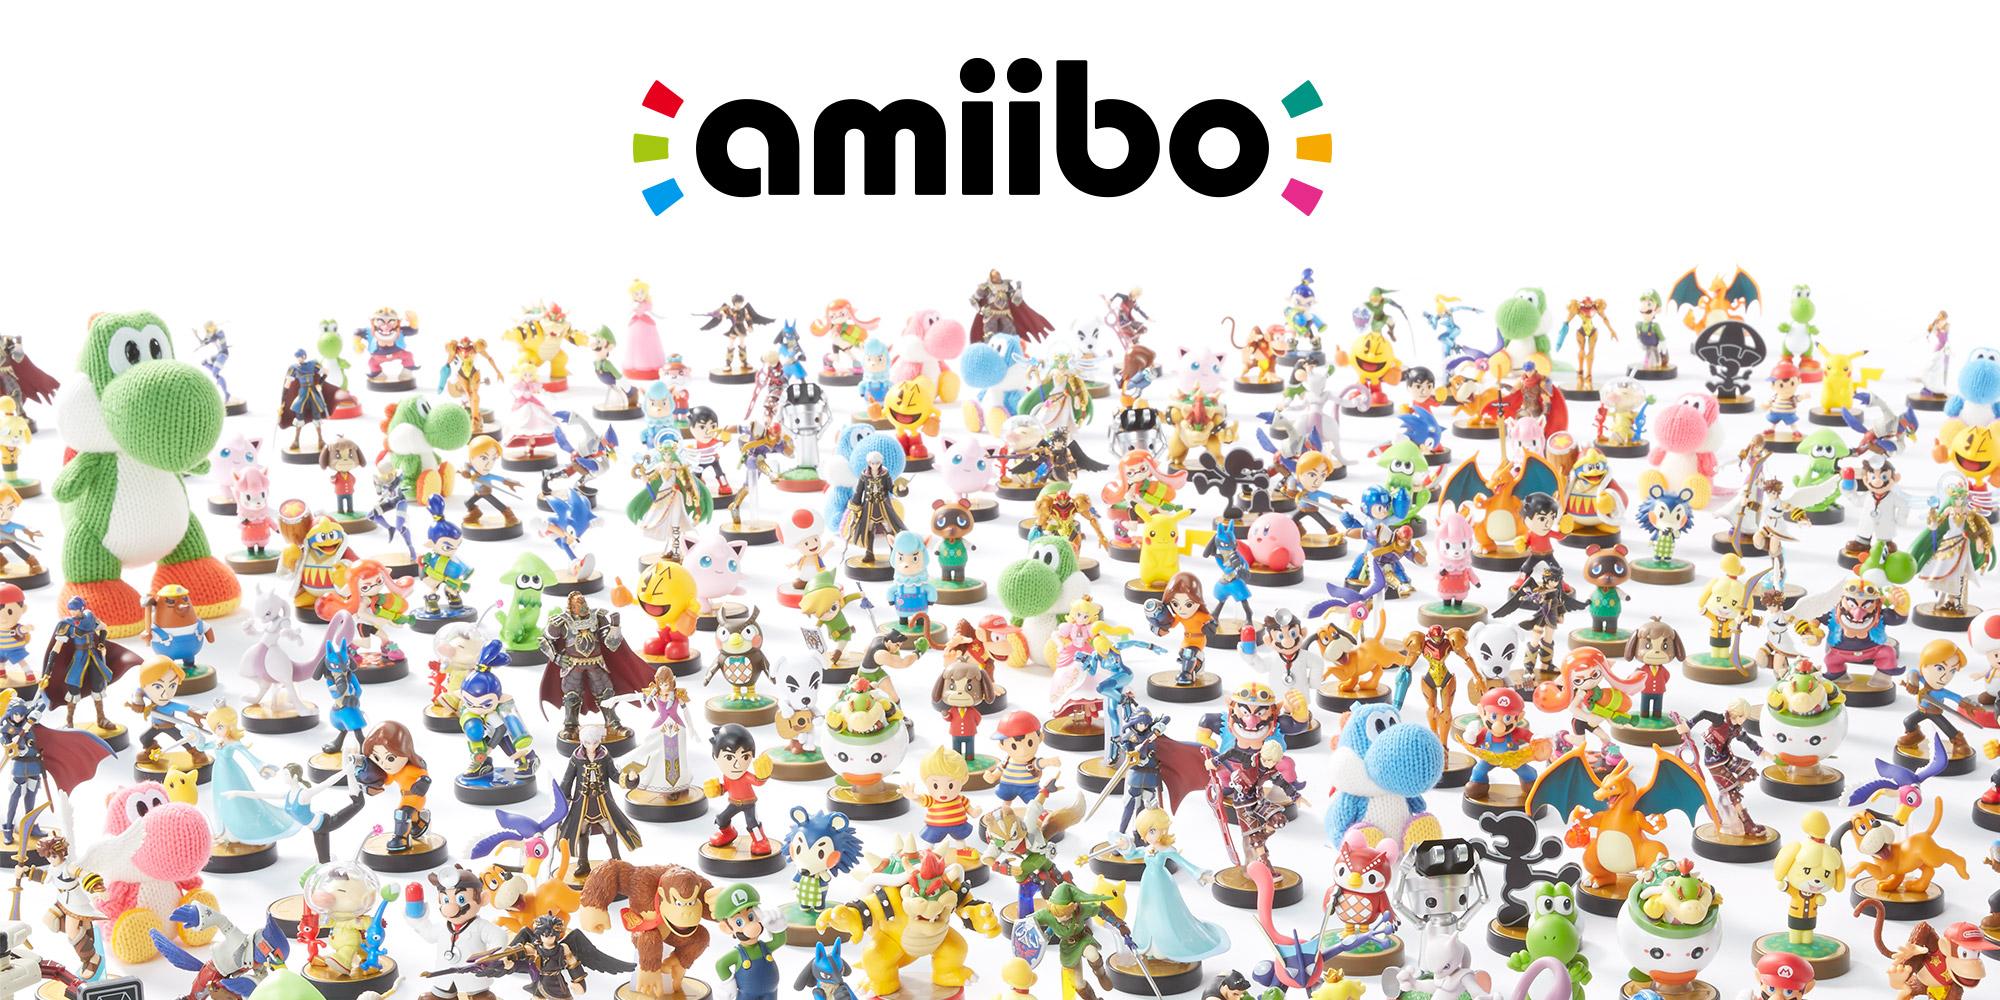 Información sobre amiibo | amiibo | Nintendo